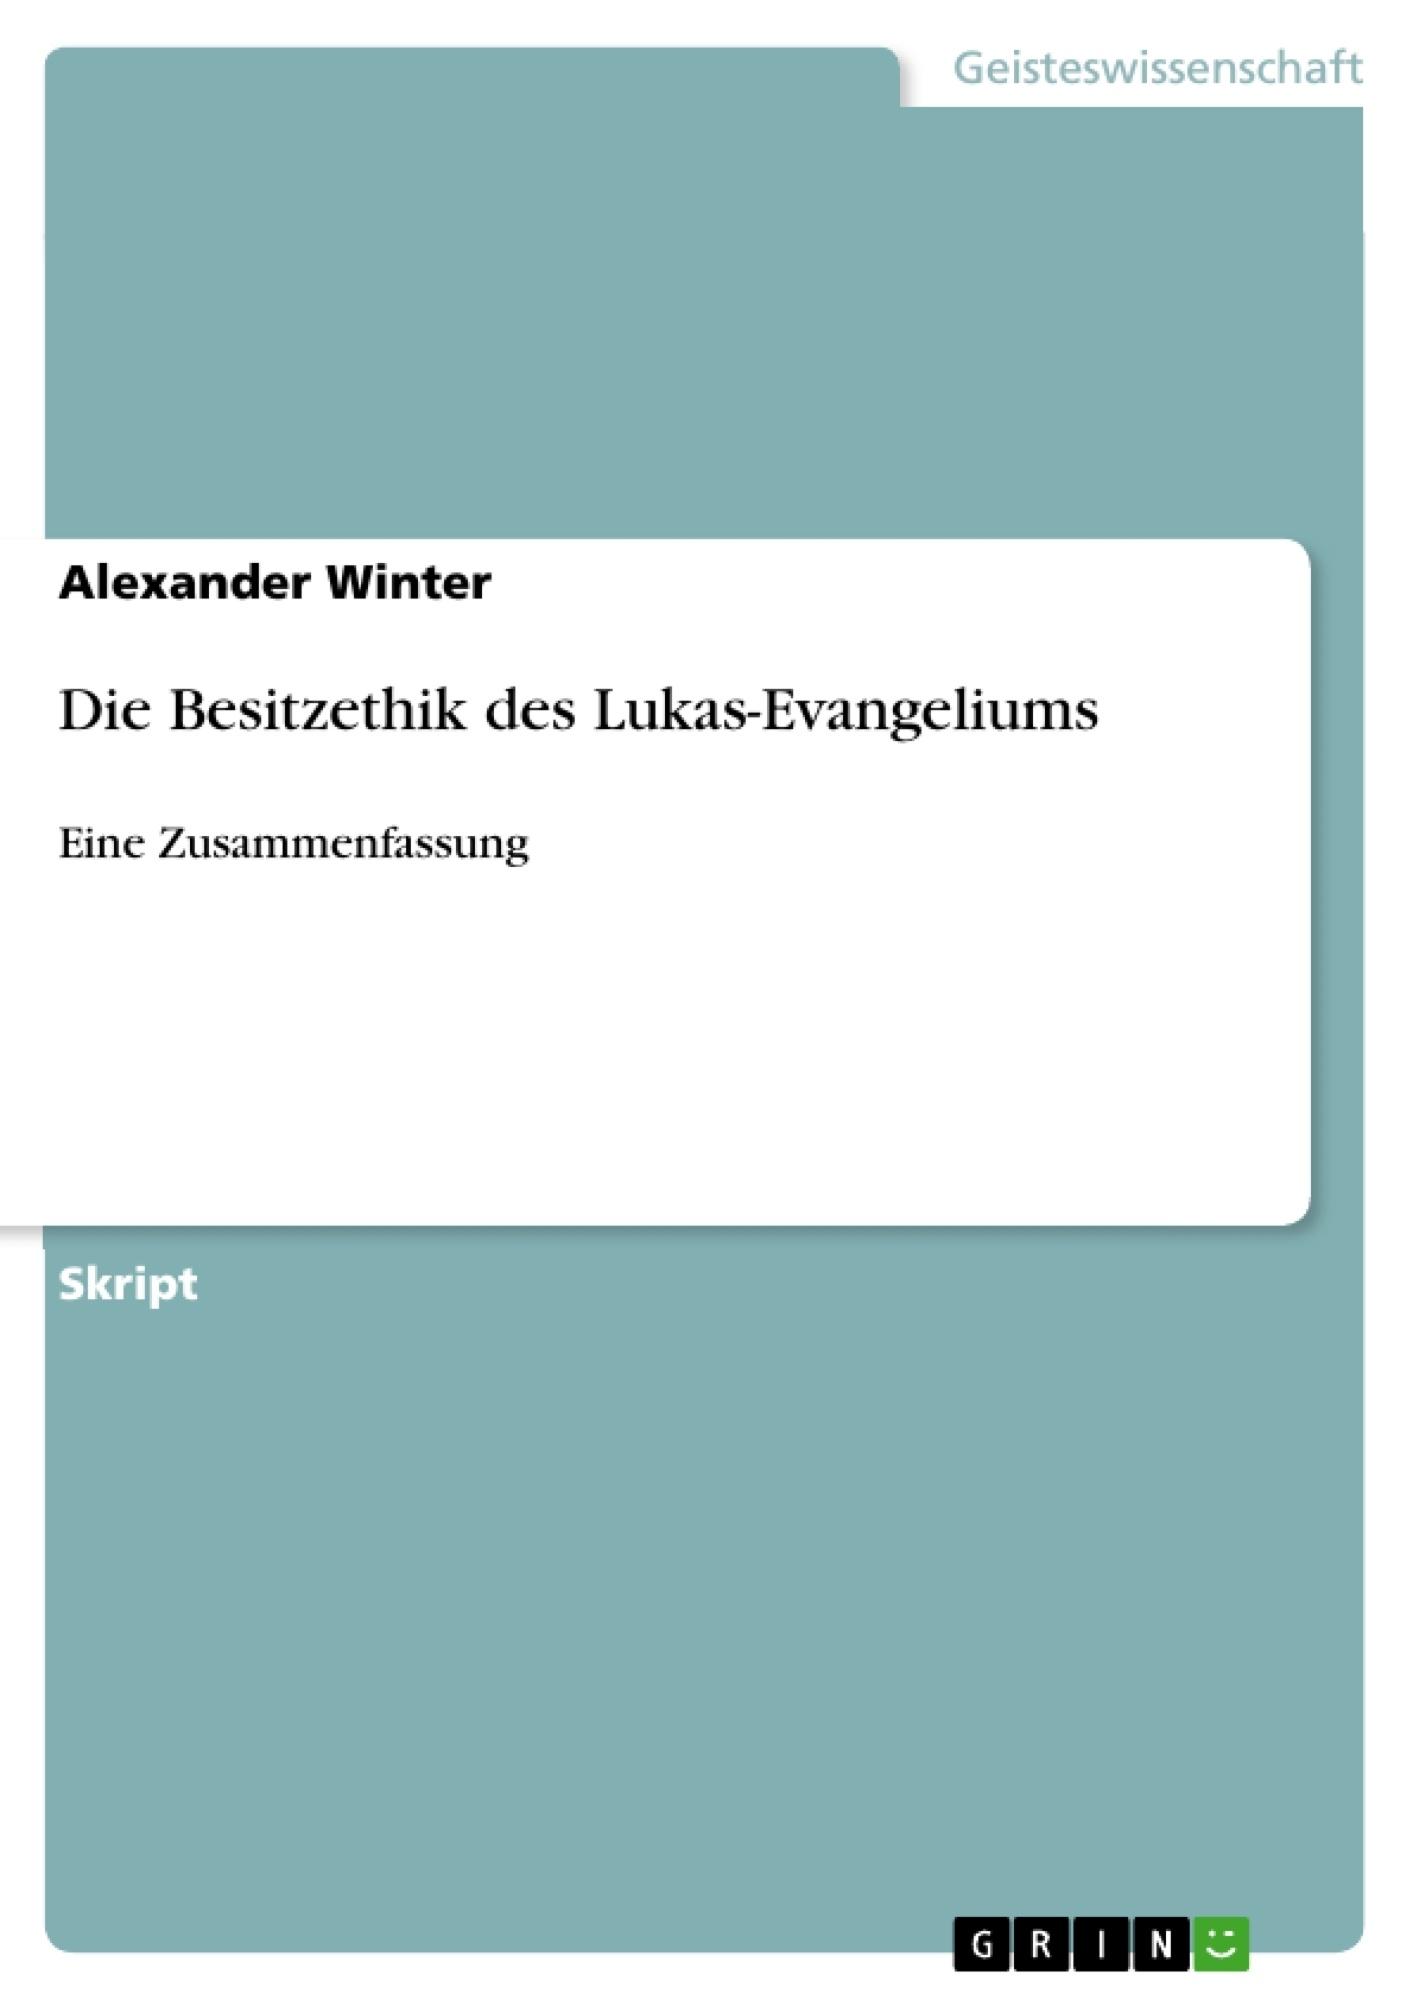 Titel: Die Besitzethik des Lukas-Evangeliums